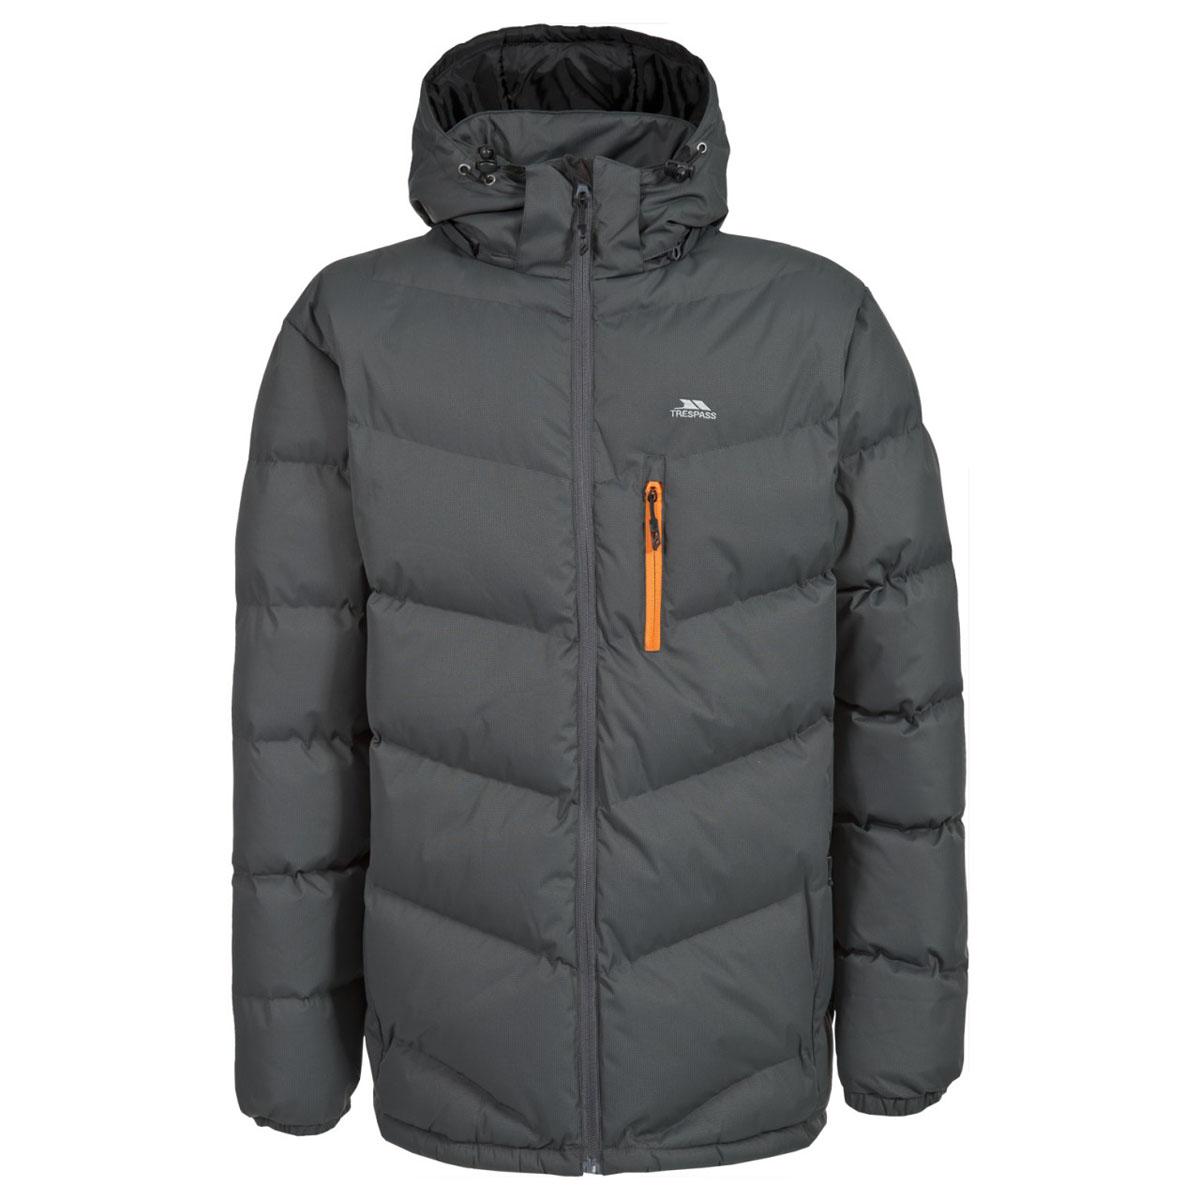 Куртка мужская Trespass Blustery, цвет: серо-зеленый. MAJKCAK20004. Размер L (52)MAJKCAK20004Мужская куртка Trespass Blustery выполнена из 100% полиэстера и застегивается на застежку-молнию. Утеплитель ColdHeat 360 г/м2 (синтетический, микроволоконный с функцией быстрого отвода влаги и высоким уровнем теплозащиты и износостойкости). Каждый простроченный шов от иглы оставляет сотни отверстий, через которые влага может проникать внутрь куртки. Применение технологии Taped Seams - обработка швов термо-пластичесткой лентой под высоким давлением - запечатывает швы, тем самым препятствуя проникновению влаги внутрь куртки, дополнительно обеспечивая вашему телу сухость и комфорт. Материал верха защищает от влаги (влагозащита - 5 000мм) и имеет дополнительное усиление от разрыва. Утепленный регулируемый капюшон. Прекрасно подойдет как для города, так и для отдыха на природе.